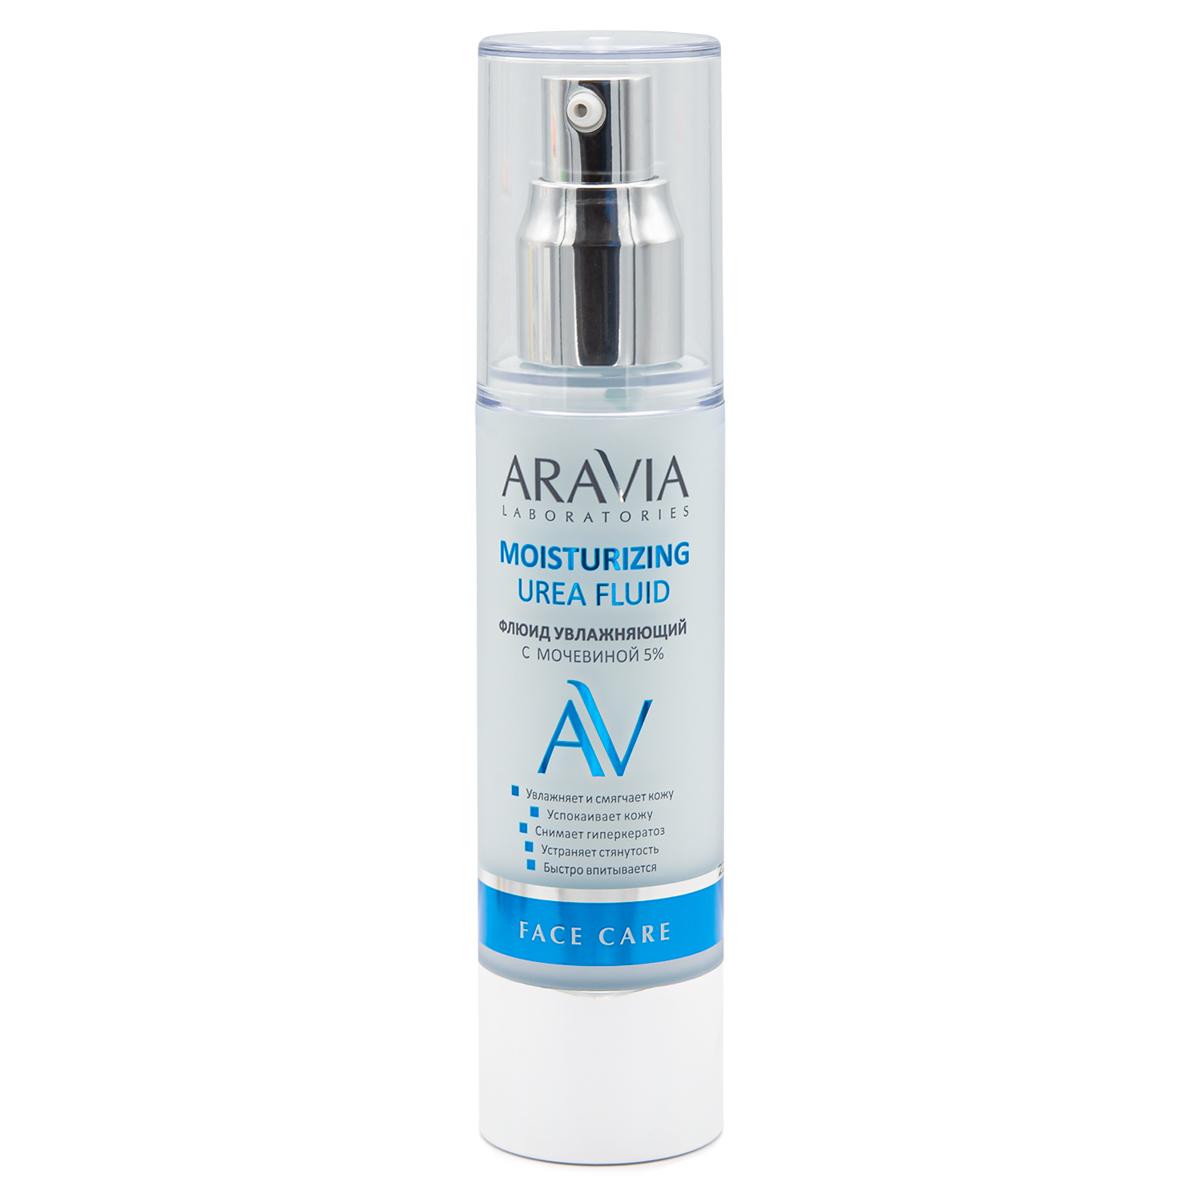 Aravia Laboratories Флюид увлажняющий с мочевиной Moisturizing Urea Fluid, 50 мл (Aravia Laboratories, Уход за лицом)